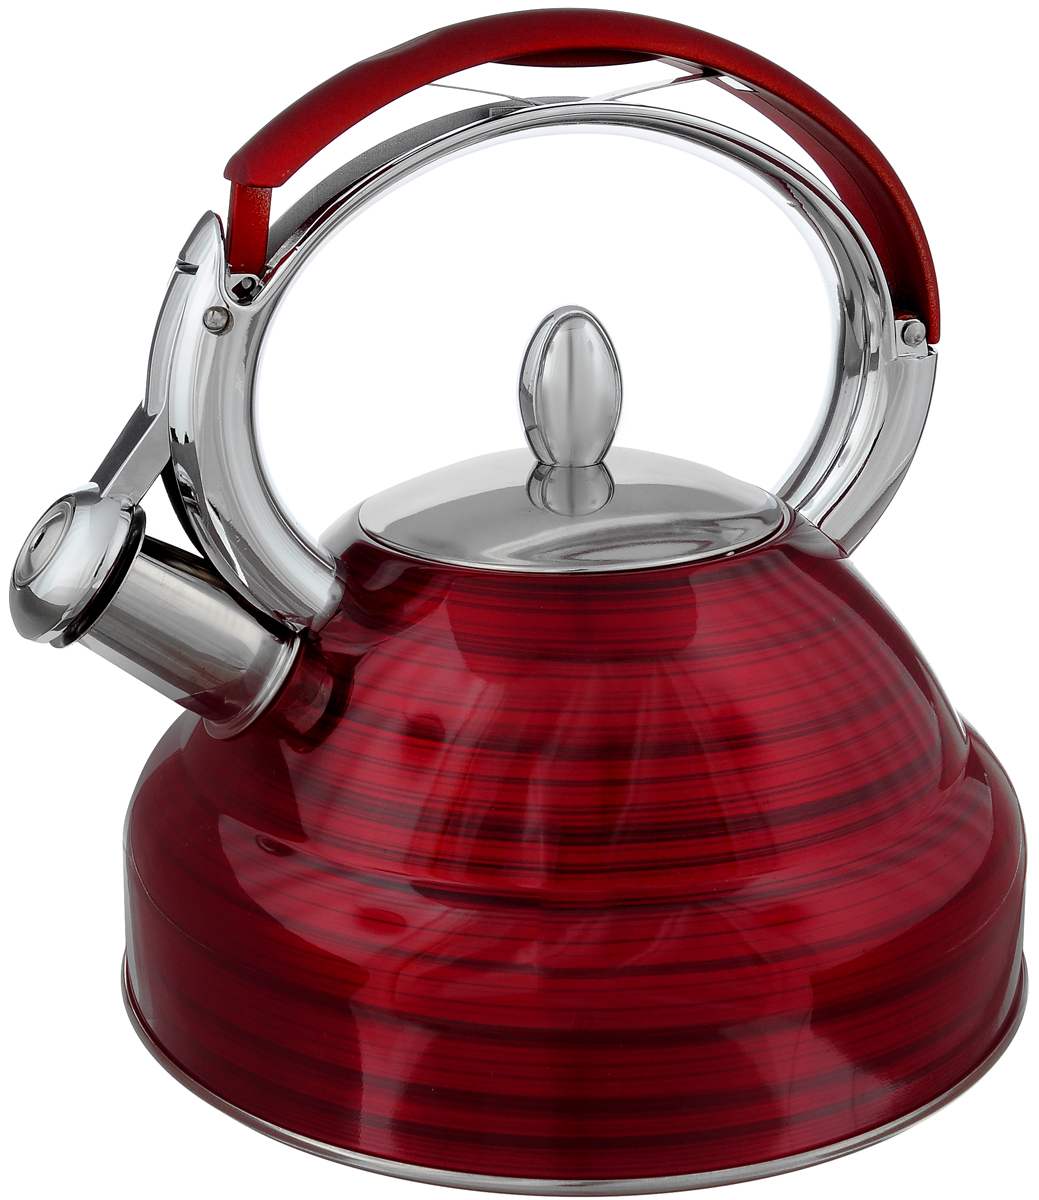 Чайник Mayer & Boch, со свистком, цвет: красный, 2,7 л. 23205FS-91909Чайник Mayer & Boch выполнен из высококачественной нержавеющей стали, что делает его весьма гигиеничным и устойчивым к износу при длительном использовании. Носик чайника оснащен насадкой-свистком, что позволит вам контролировать процесс подогрева или кипячения воды. Фиксированная ручка, изготовленная из нейлона и цинка, дает дополнительное удобство при разлитии напитка. Поверхность чайника гладкая, что облегчает уход за ним. Эстетичный и функциональный, с эксклюзивным дизайном, чайник будет оригинально смотреться в любом интерьере.Подходит для всех типов плит, включая индукционные. Можно мыть в посудомоечной машине.Высота чайника (без учета ручки и крышки): 11,5 см.Высота чайника (с учетом ручки и крышки): 24 см.Диаметр чайника (по верхнему краю): 10 см.